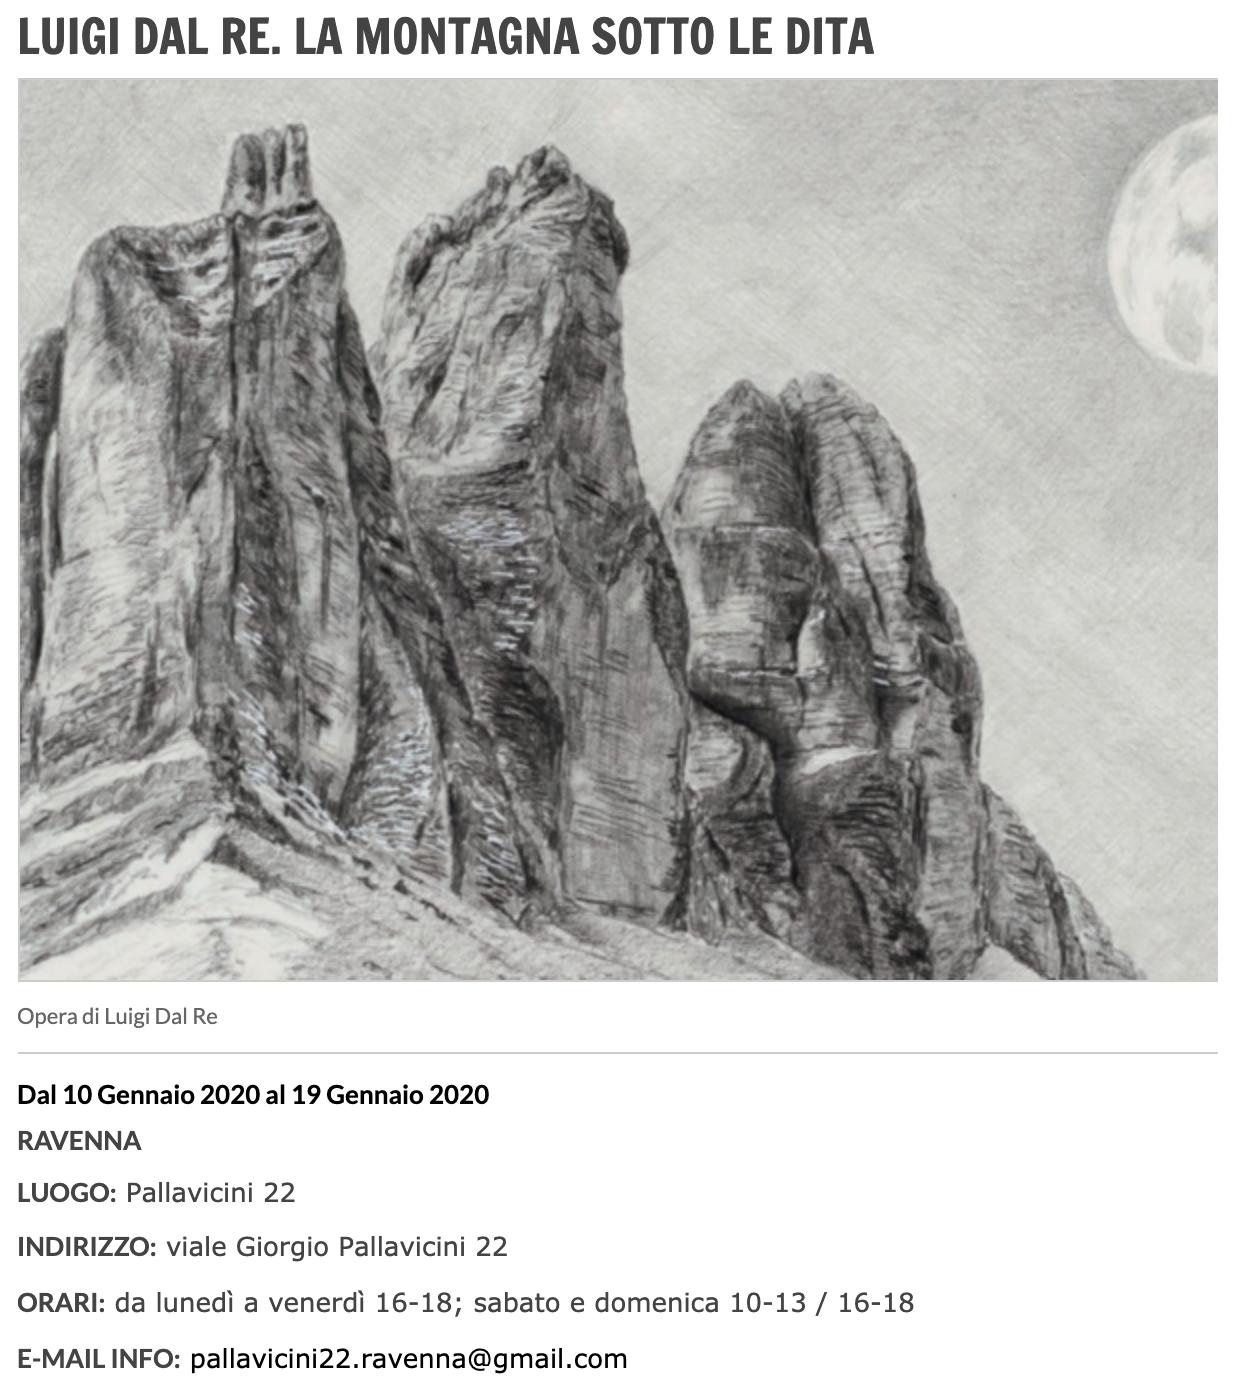 La montagna sotto le dita - Luigi Dal Re su Arte.it | Pallavicini22 spazio espositivo Ravenna